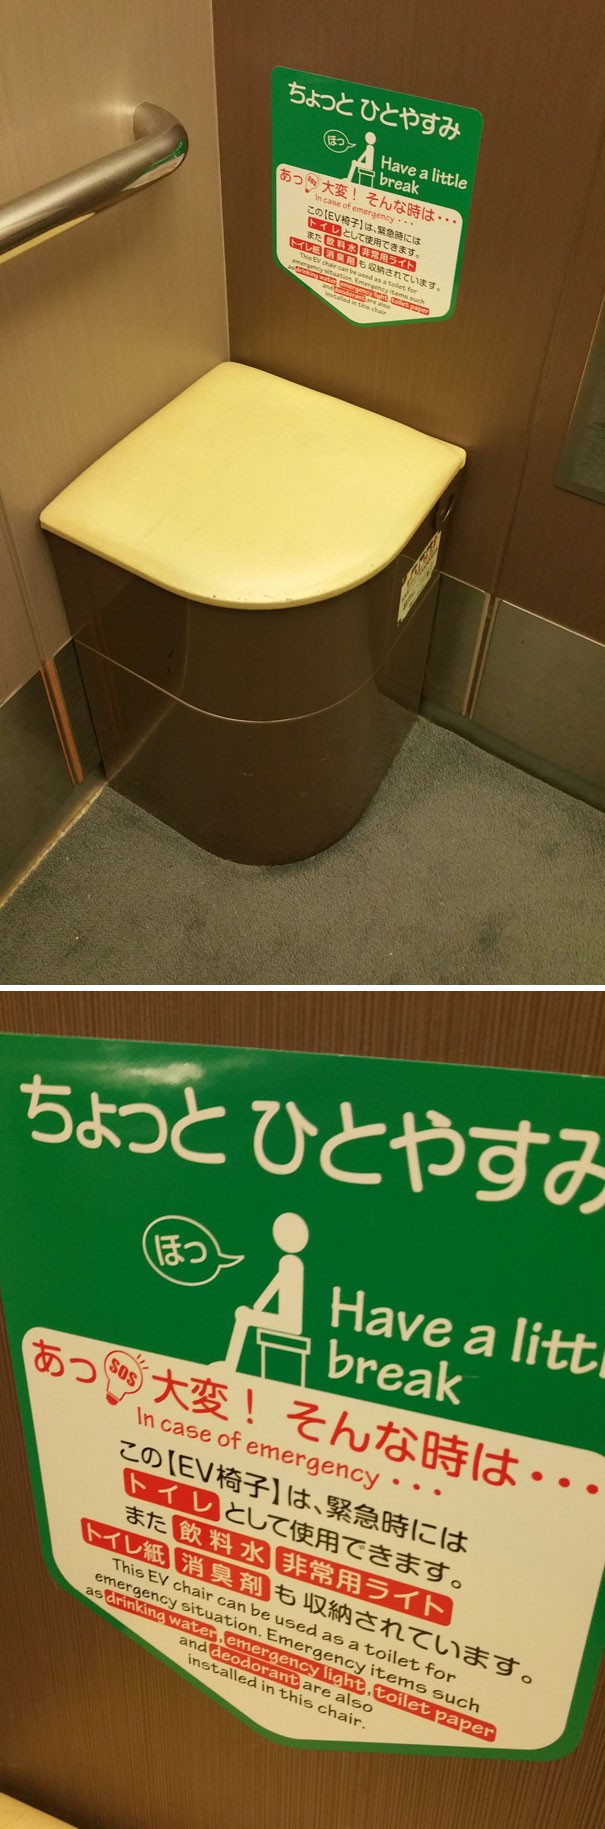 Chùm ảnh: Những điều ở nước khác tìm đỏ mắt chẳng thấy nhưng chỉ cần đến Nhật Bản, bạn sẽ bắt gặp rất nhiều - Ảnh 16.